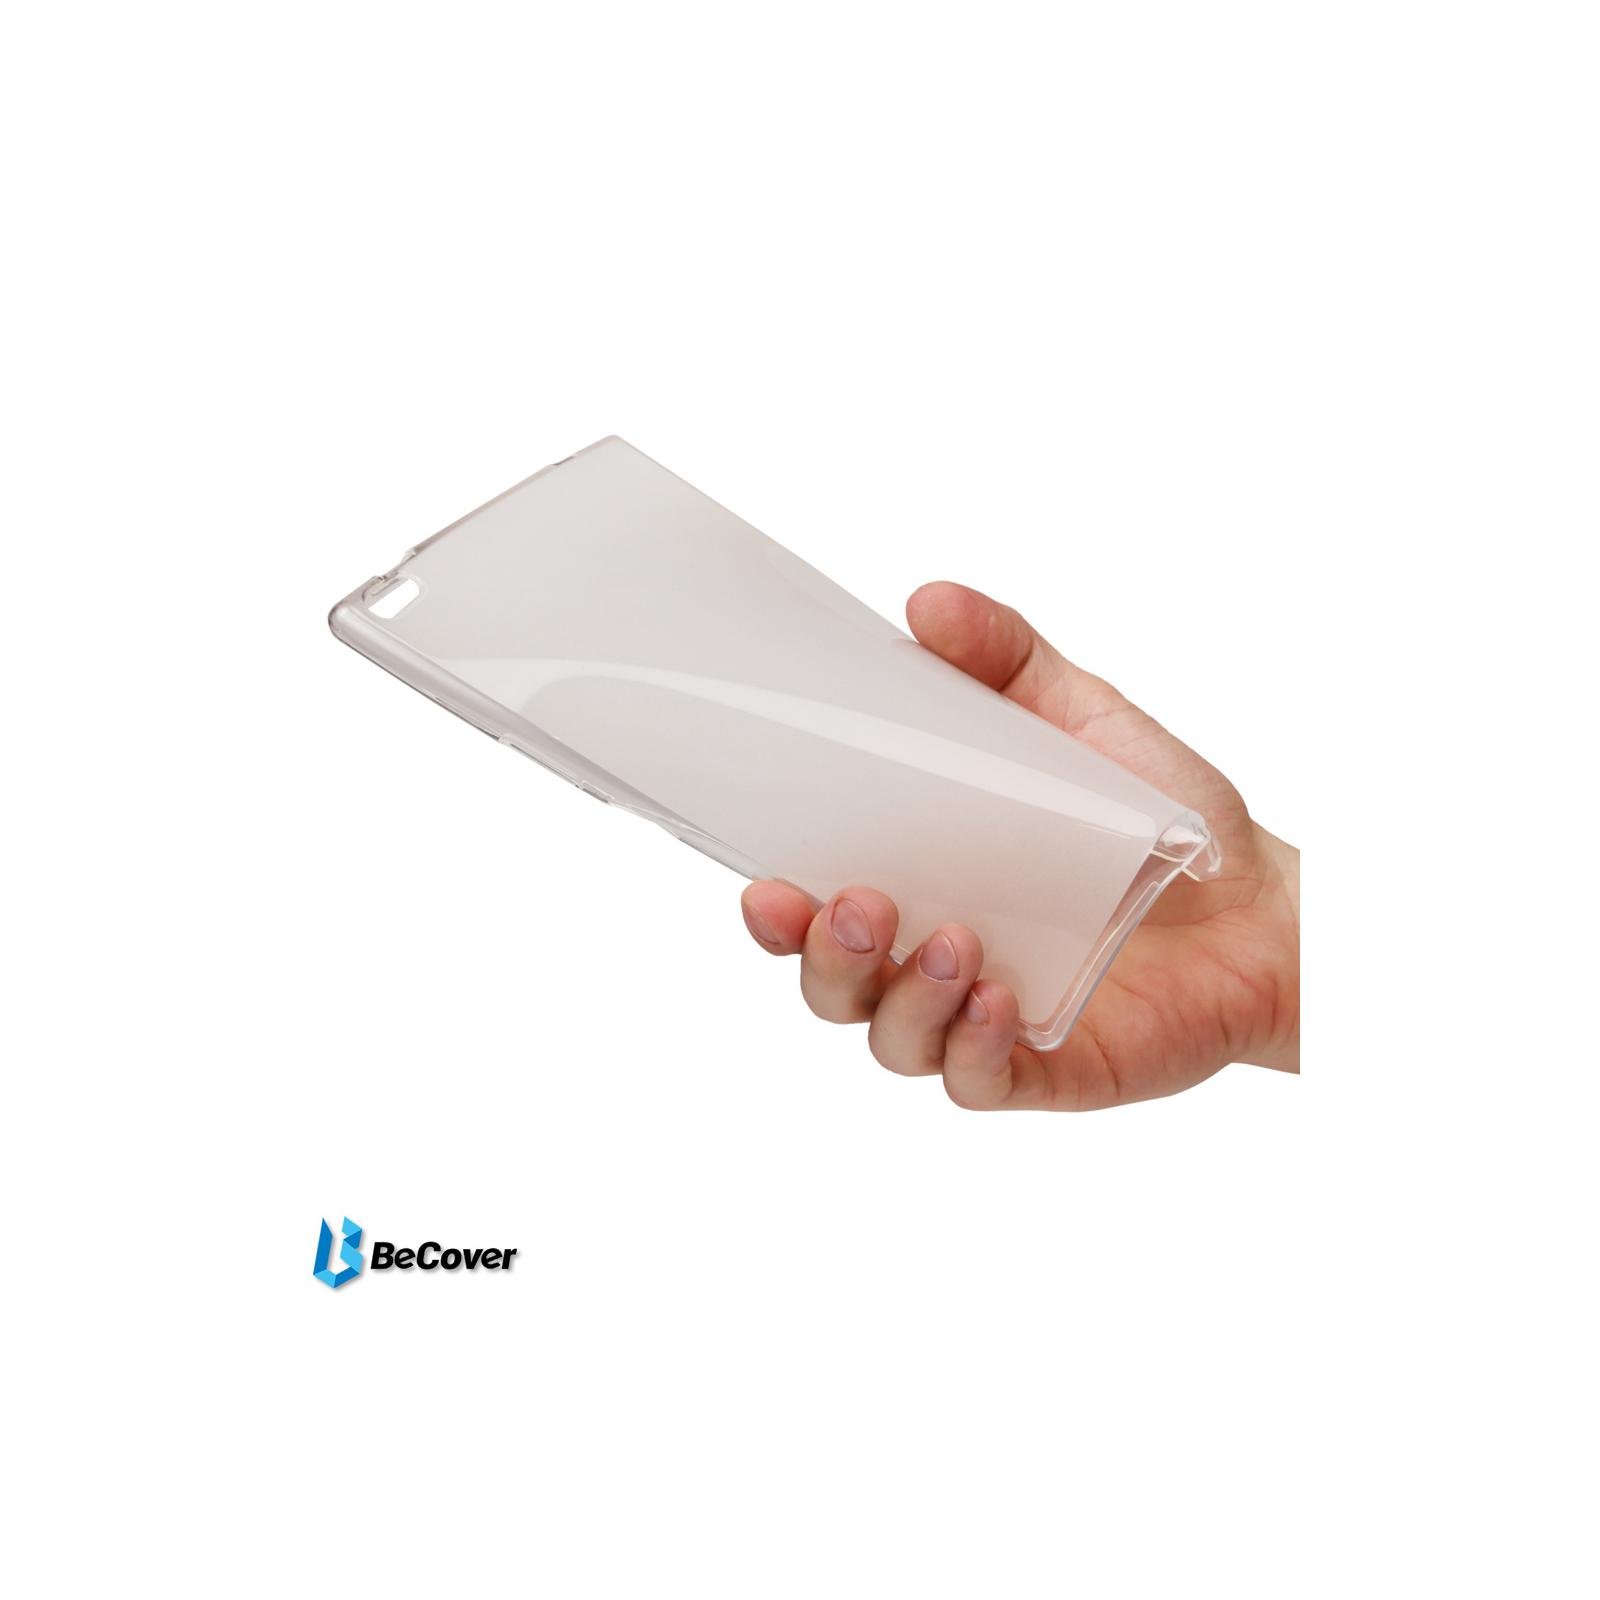 Чехол для планшета BeCover Lenovo Tab 4 8.0 TB-8504 Transparancy (701743) изображение 4